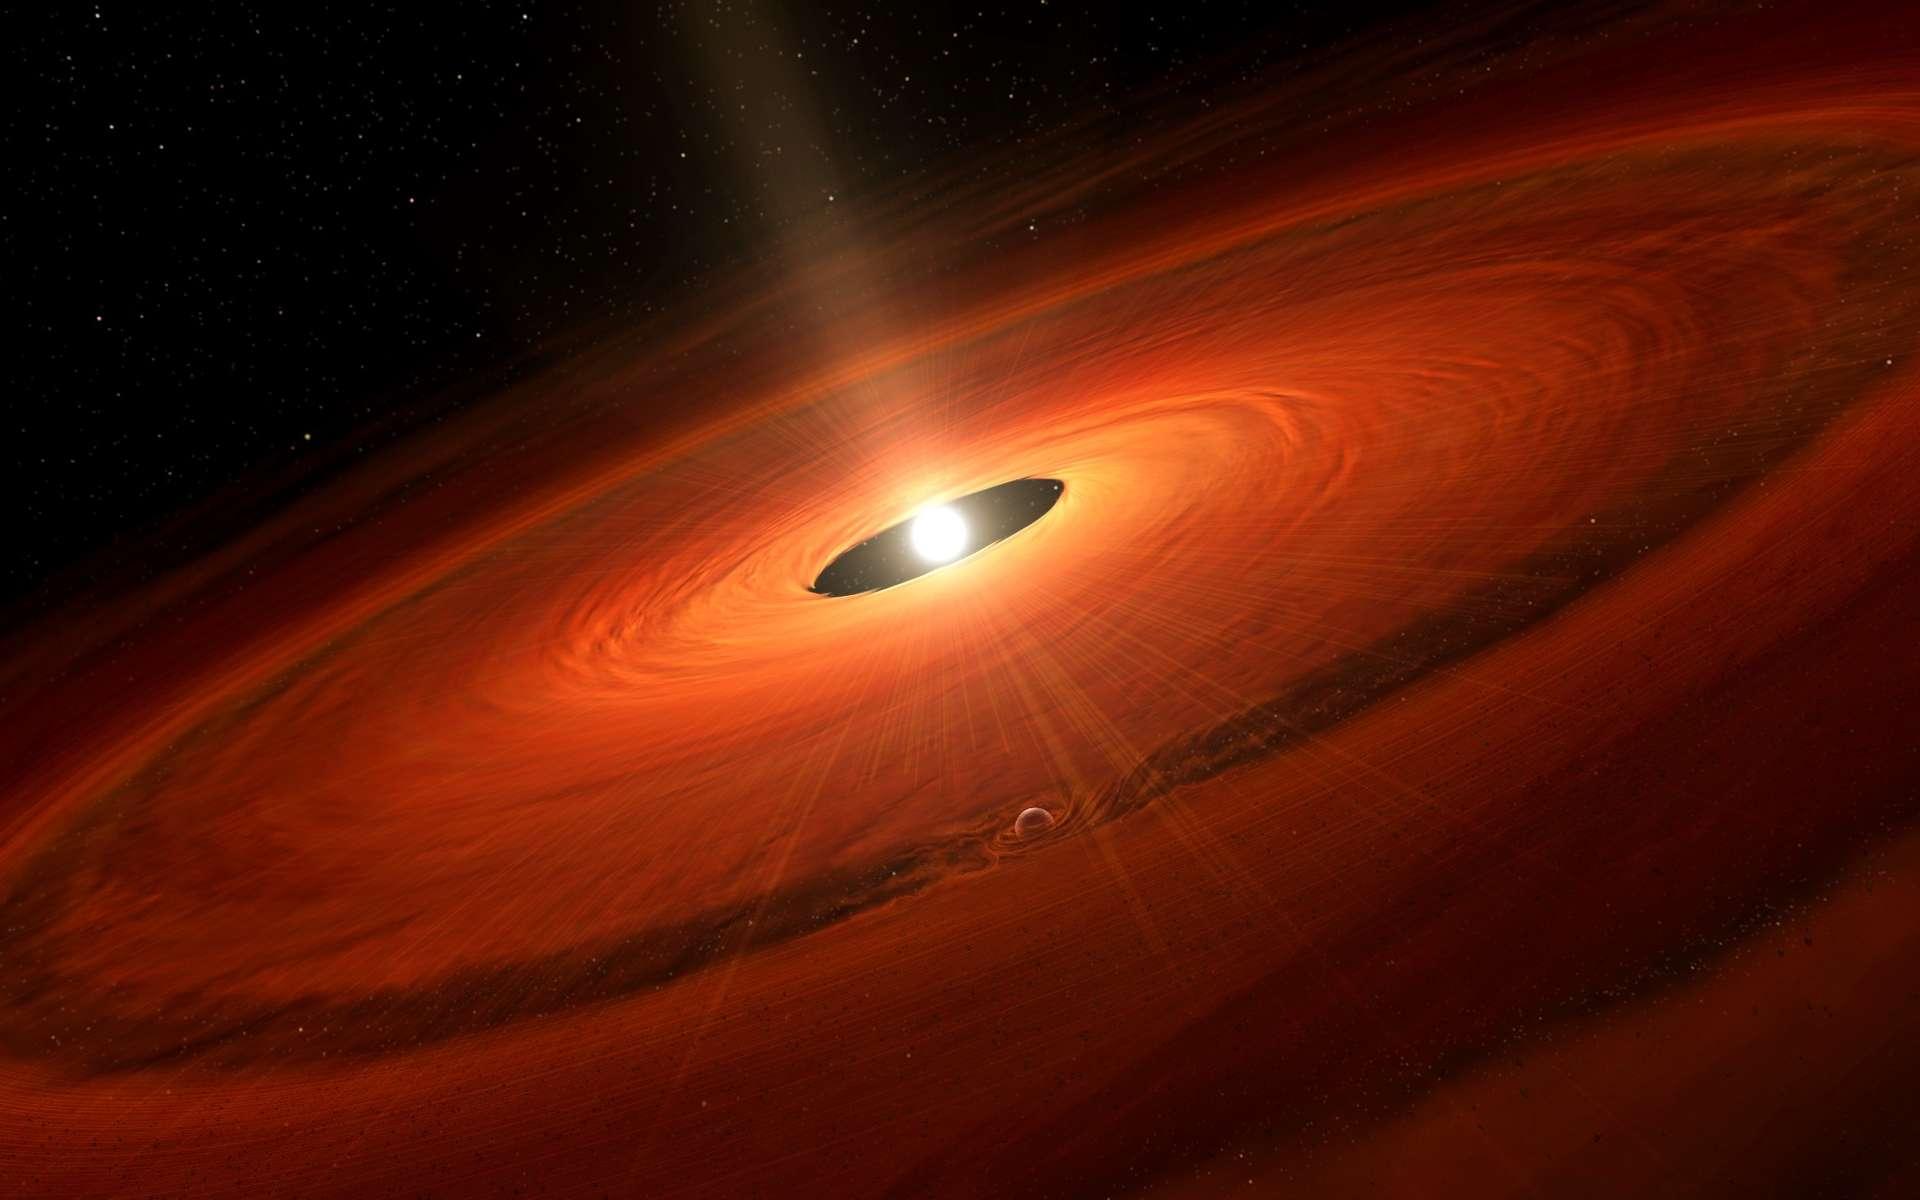 Une vue d'artiste d'un disque protoplanétaire avec une exoplanète en formation. © NAOJ